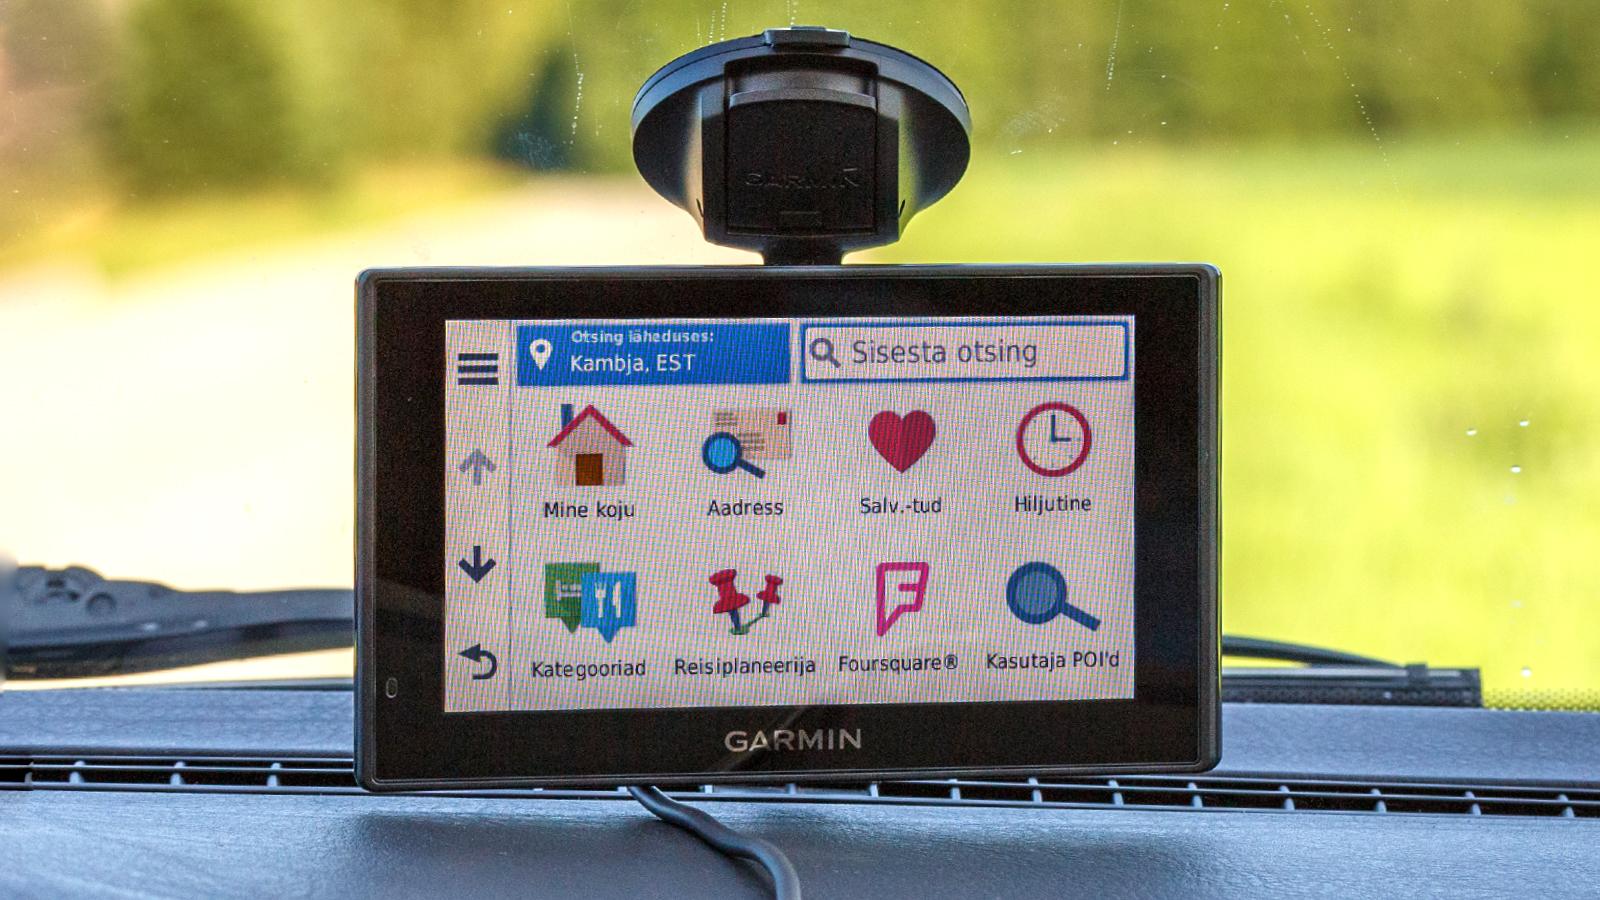 garmin-drive-022-smart